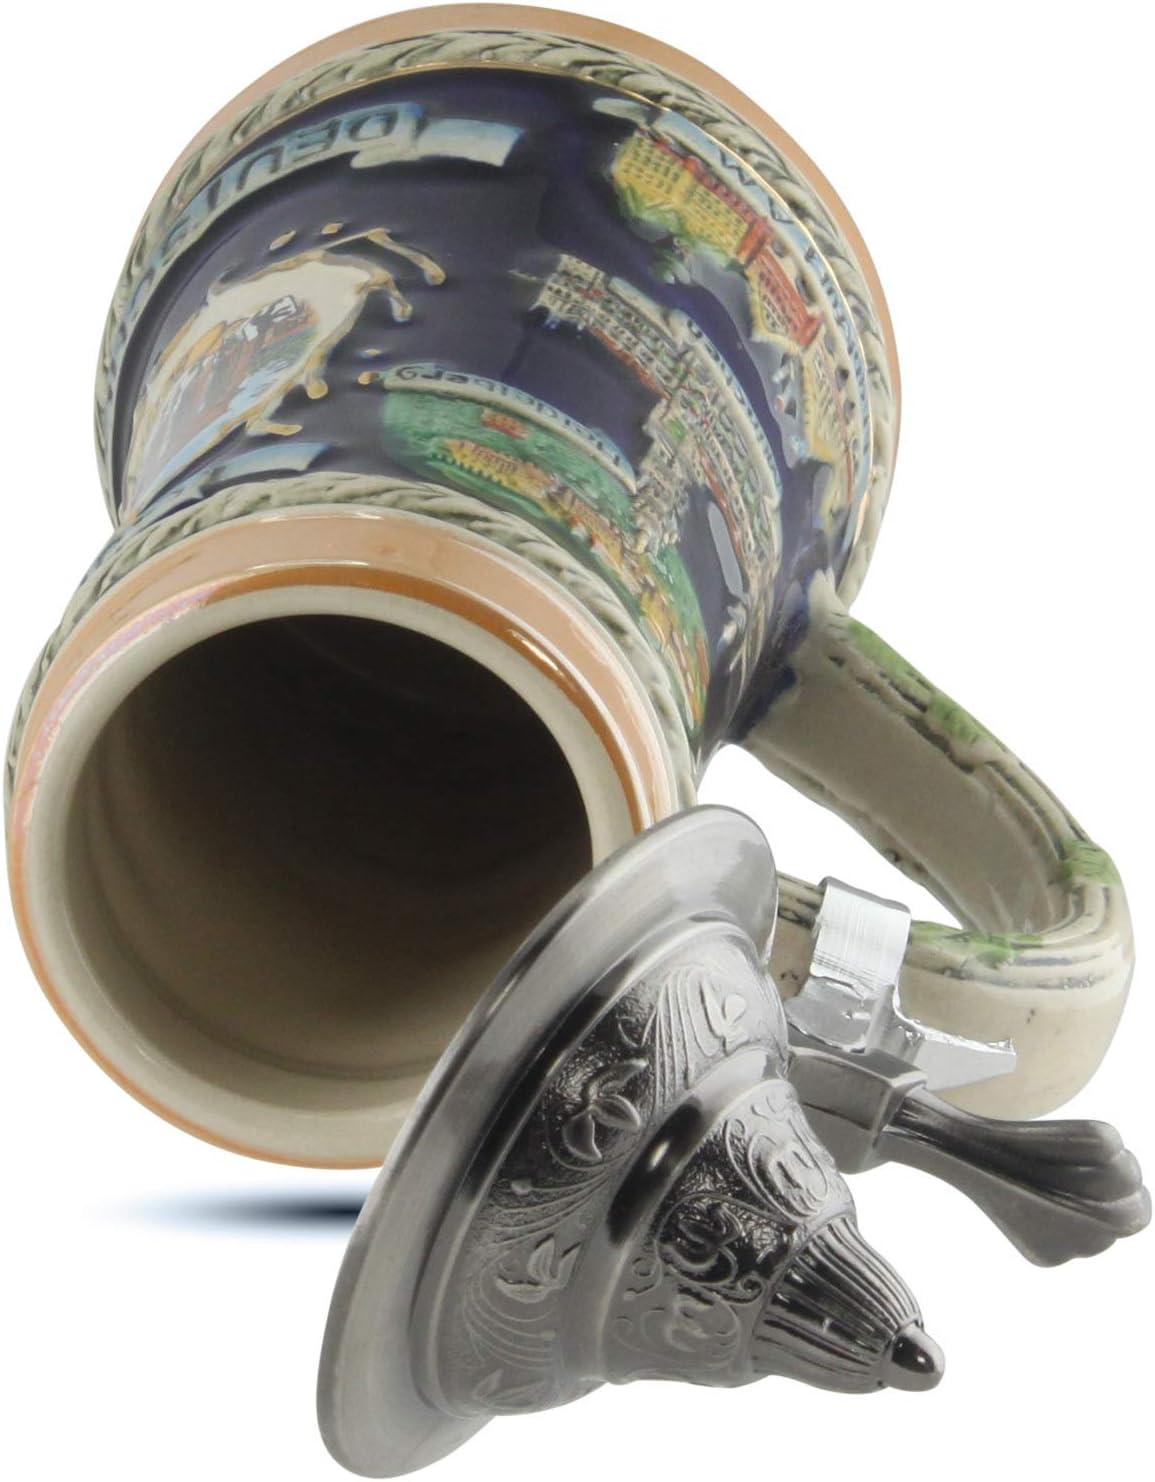 Chope en pierre de 0,25 litre Chope de bi/ère Cadeau pour hommes Chope de bi/ère Allemagne avec couvercle